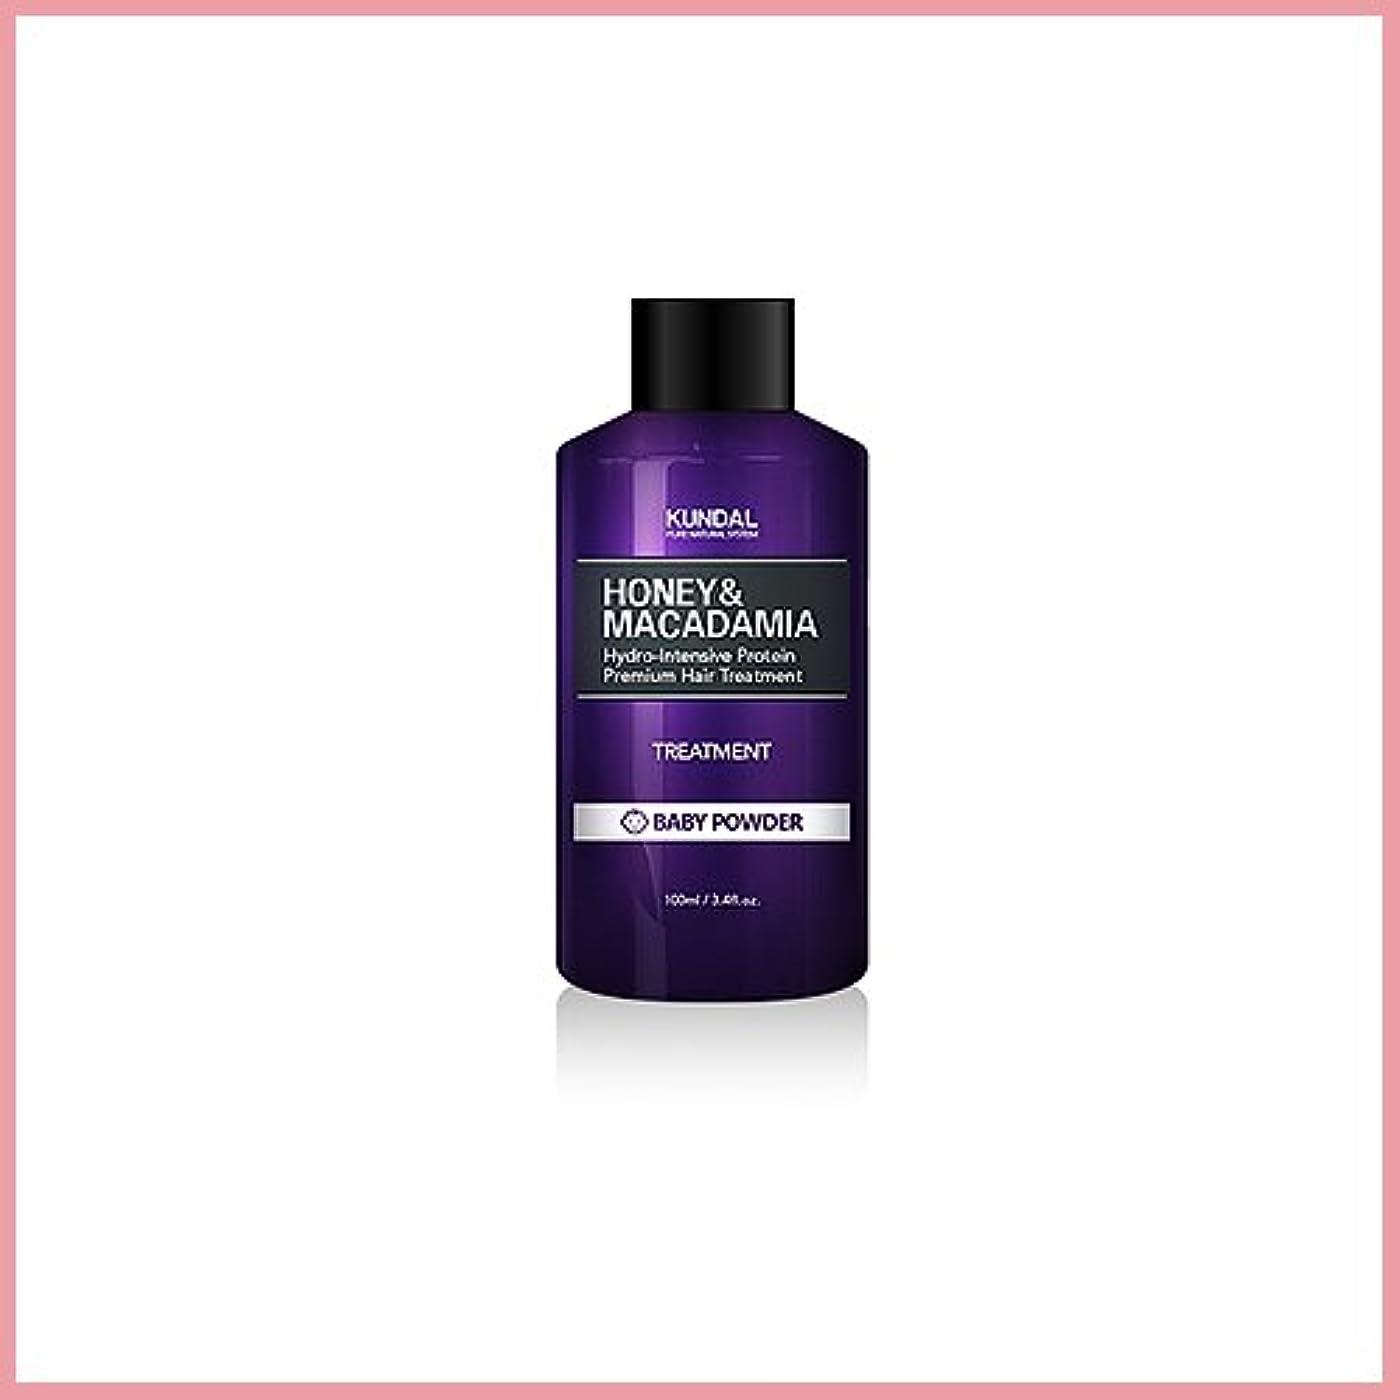 メナジェリー語引っ張る[KUNDAL/クンダル] Kundal Premium Hair Treatment 100ml [2017年韓国満足度1位][TTBEAUTY][韓国コスメ]